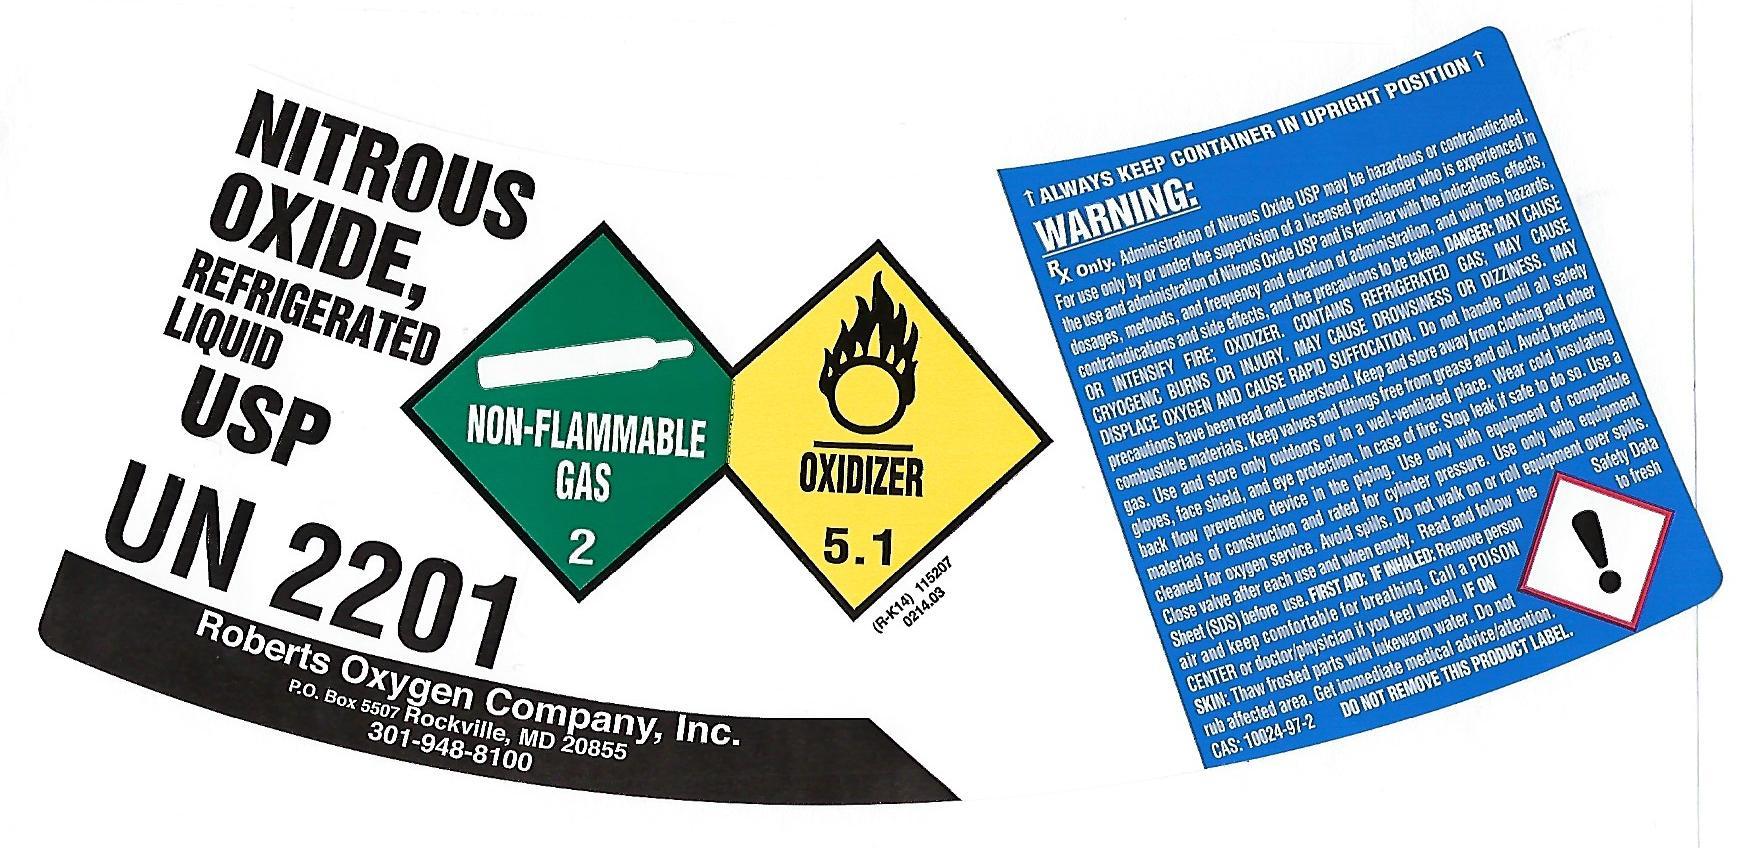 image of dewar label